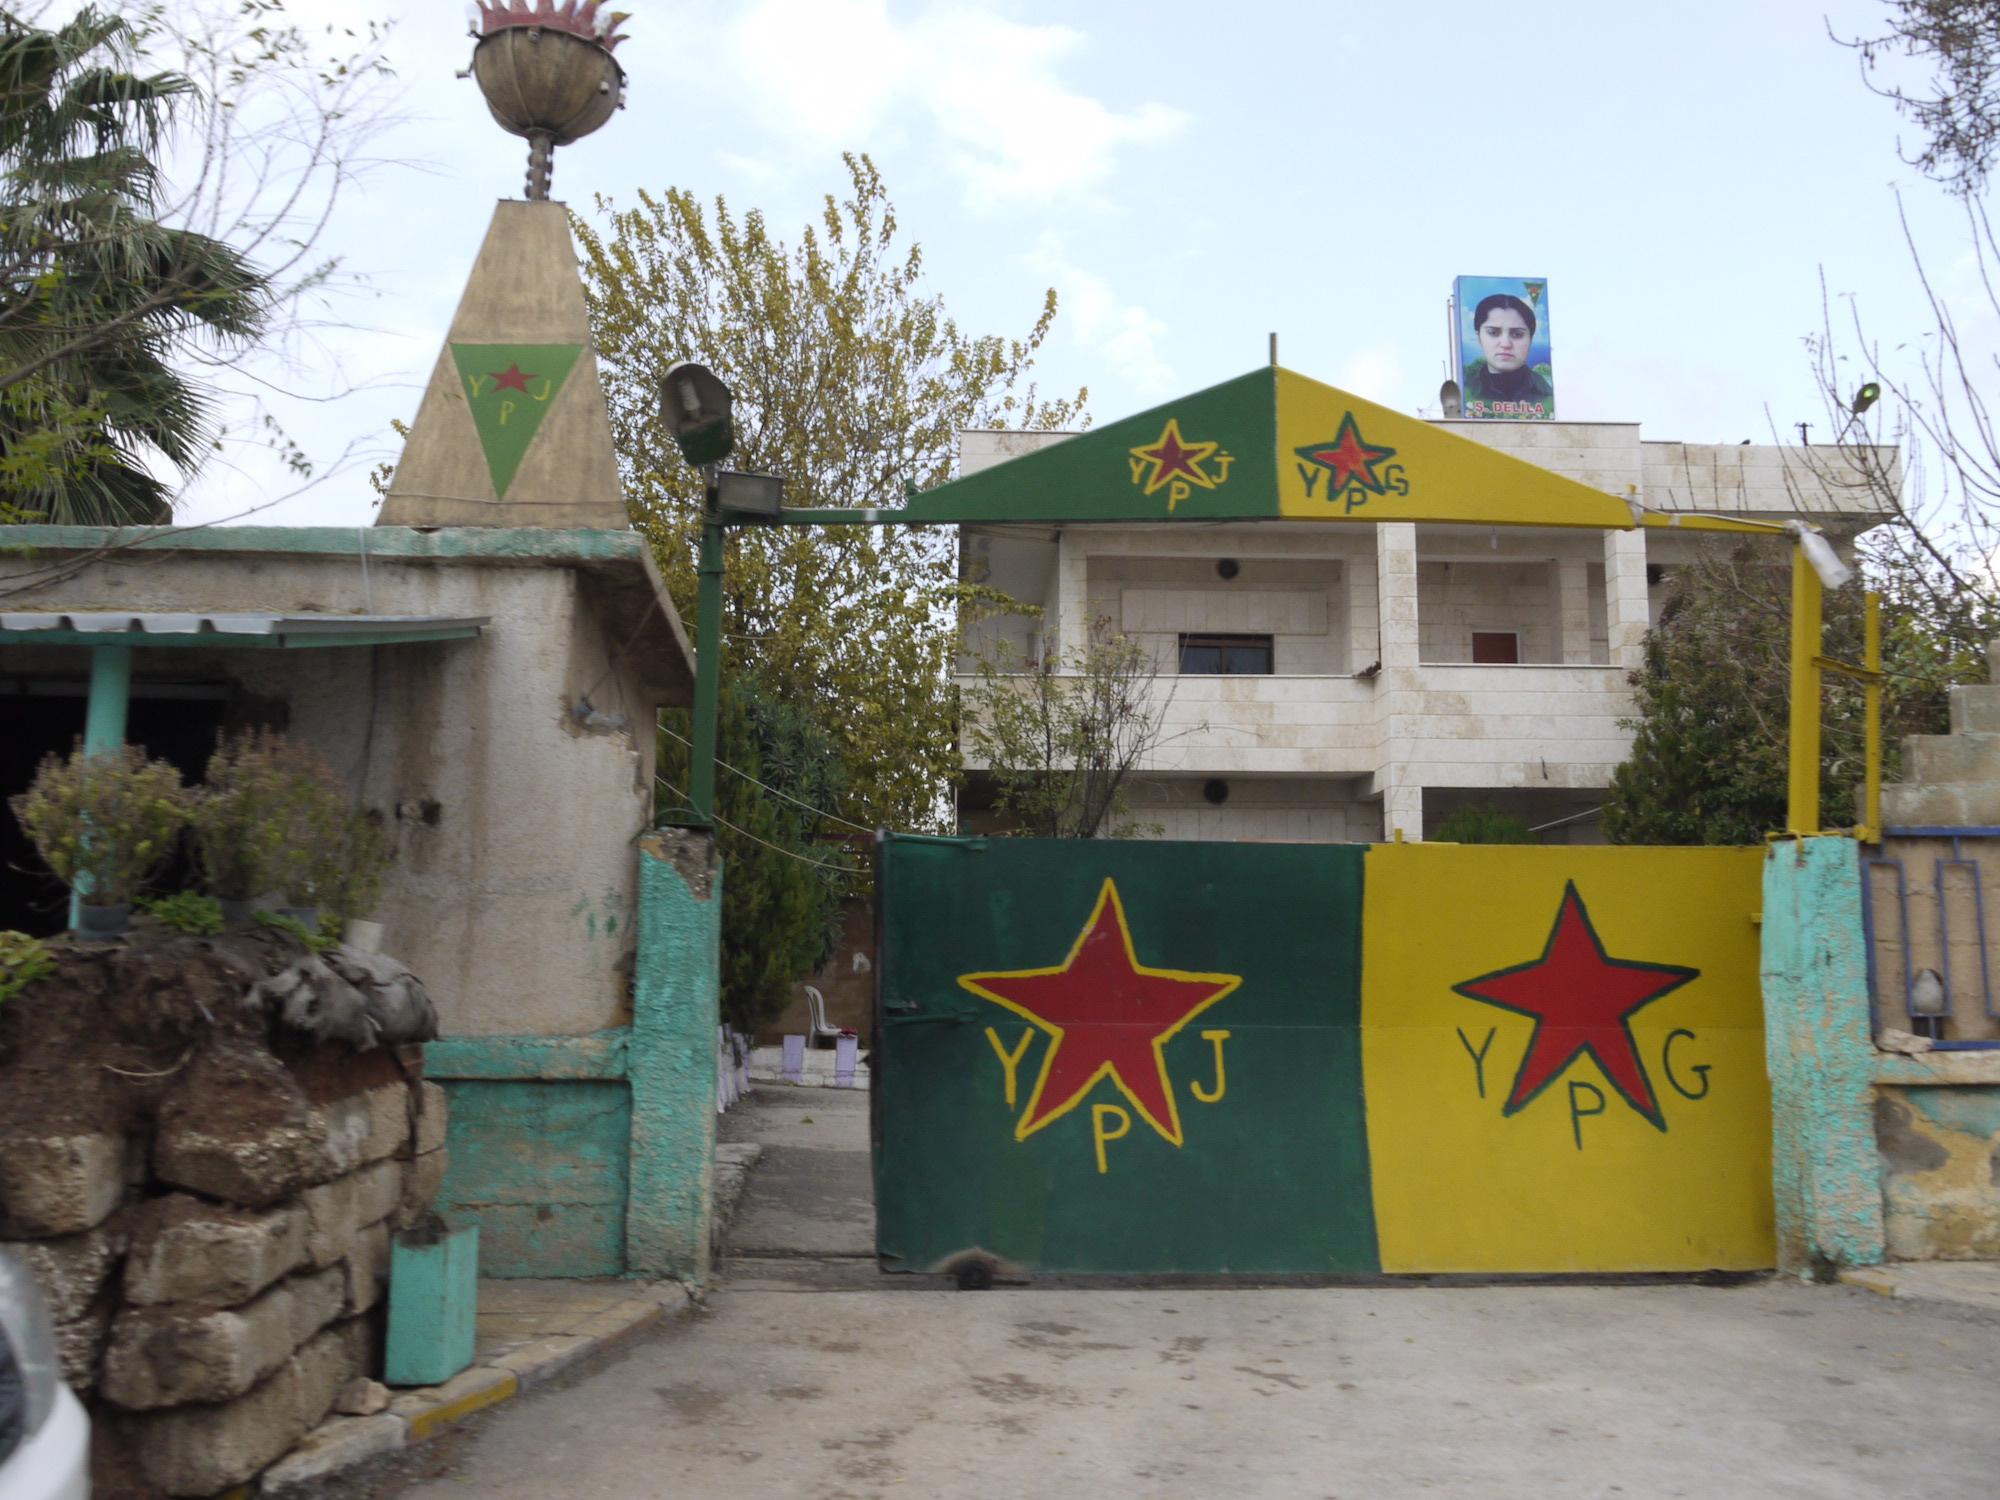 Malereien am Eingang von einem Gebäude: Verteidigungseinheiten YPG und die autonome Verteidigung der Frauen YPJ